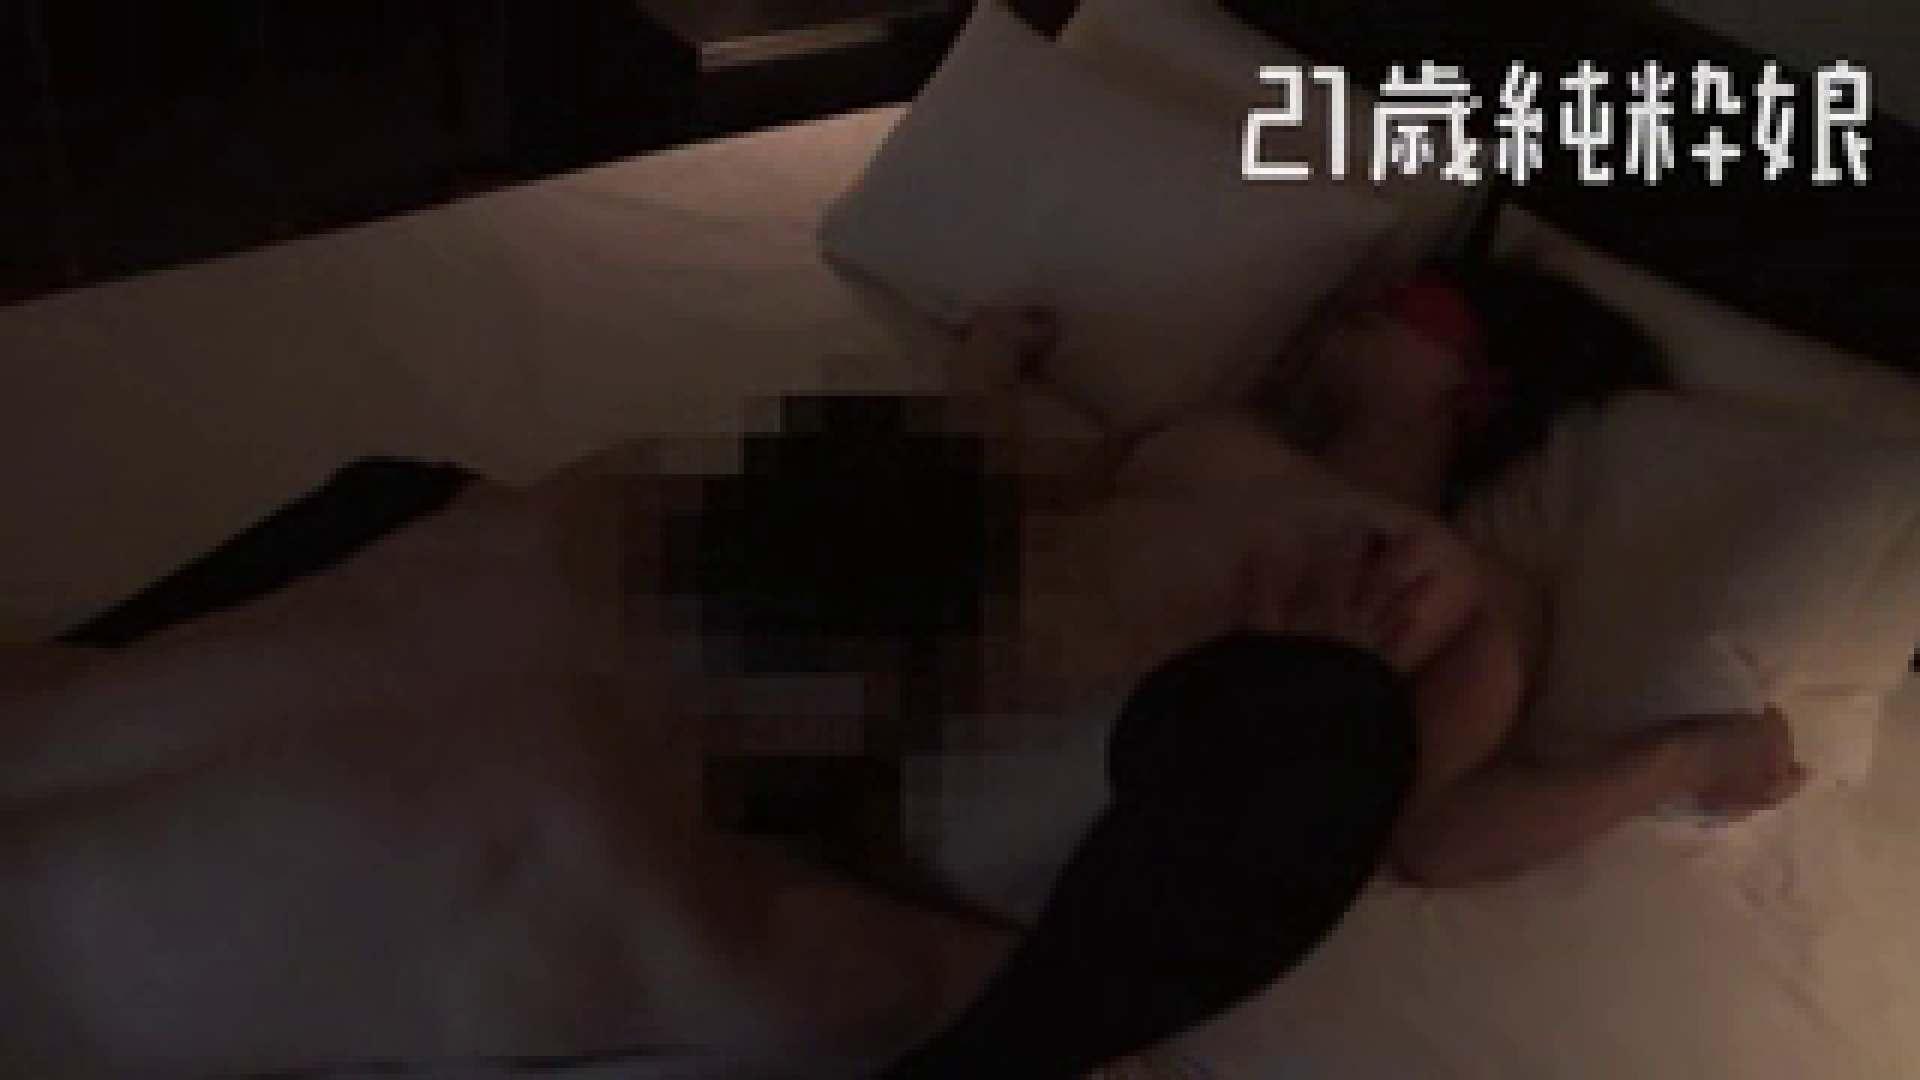 上京したばかりのGカップ21歳純粋嬢を都合の良い女にしてみた4 ホテル | ギャル達のおっぱい  96画像 82